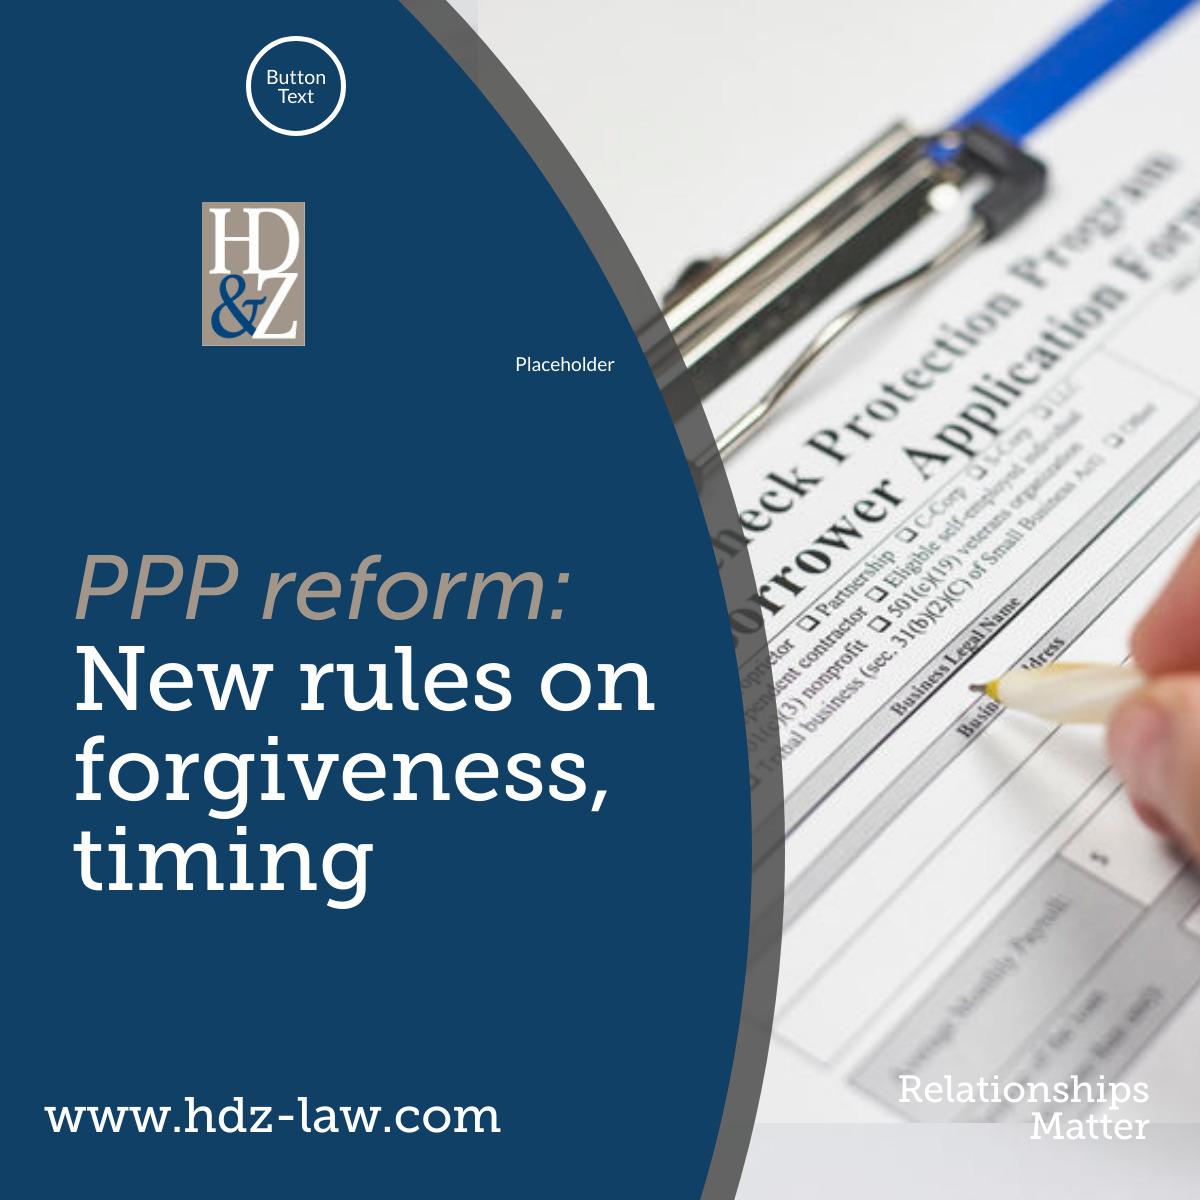 HDZ PPP Reform